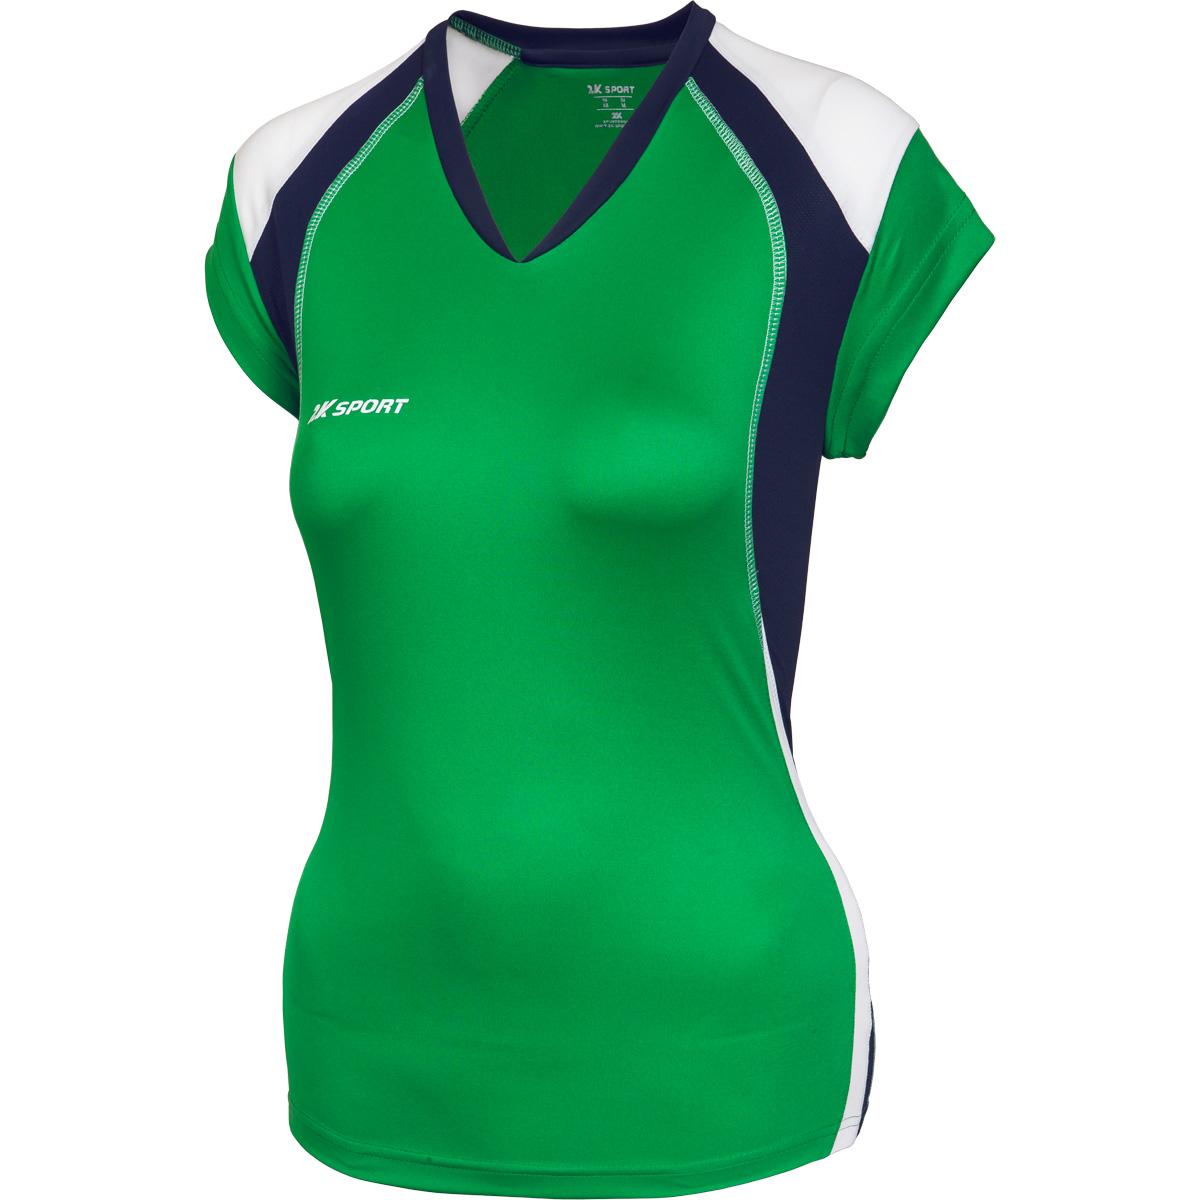 Футболка волейбольная женская 2K Sport Energy, цвет: зеленый, темно-синий, белый. 140042. Размер XS (40/42) - Волейбол